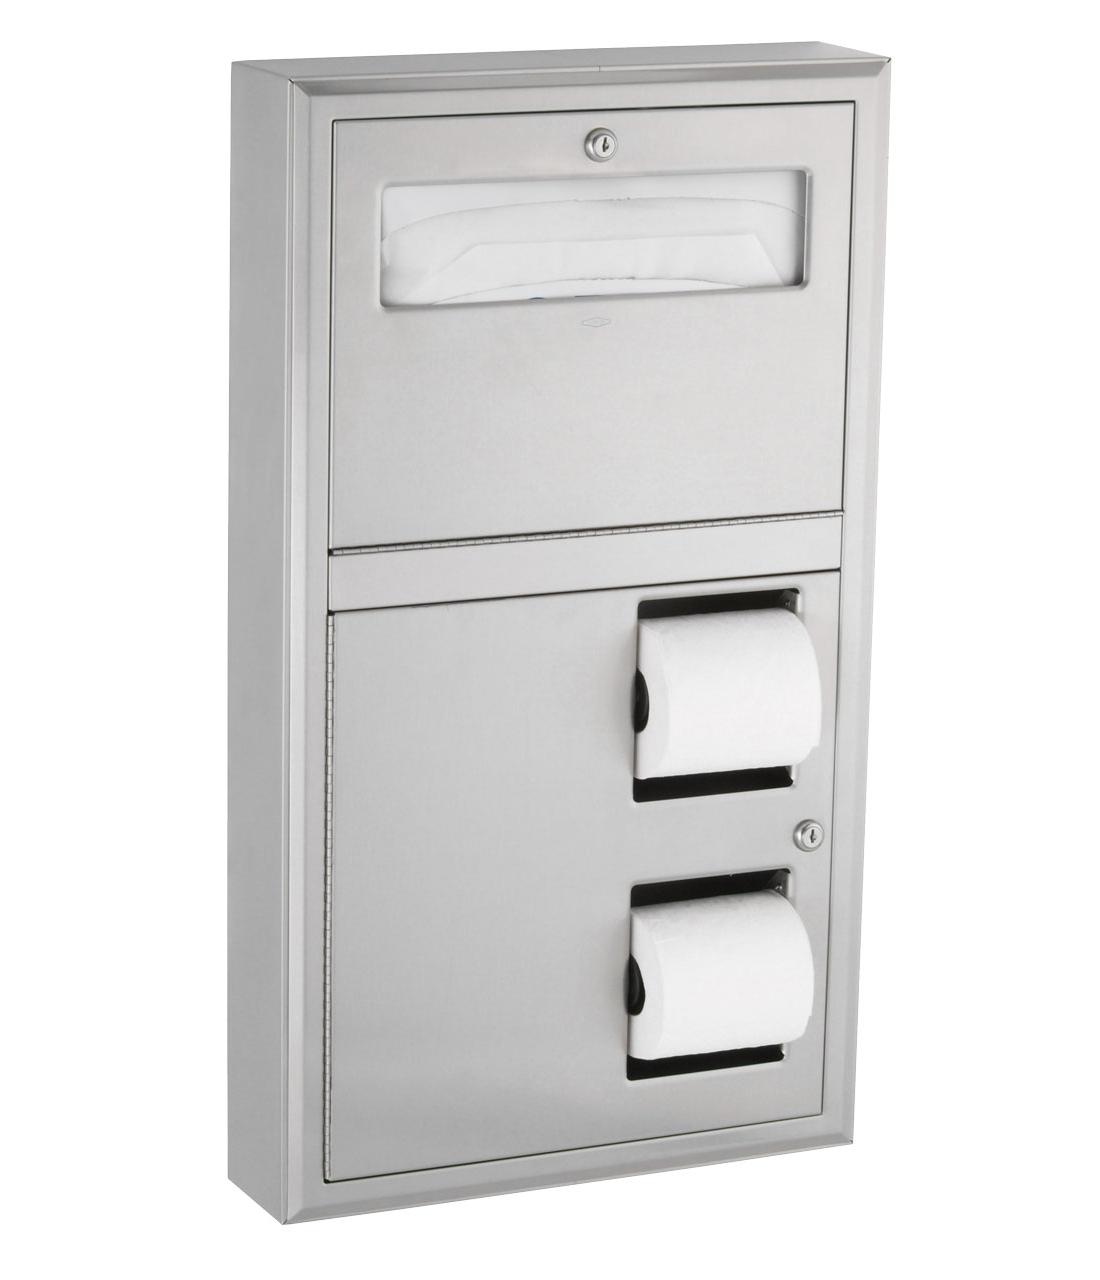 Bobrick B3479 Toilet Paper Holder Toilet Seat Cover Dispenser